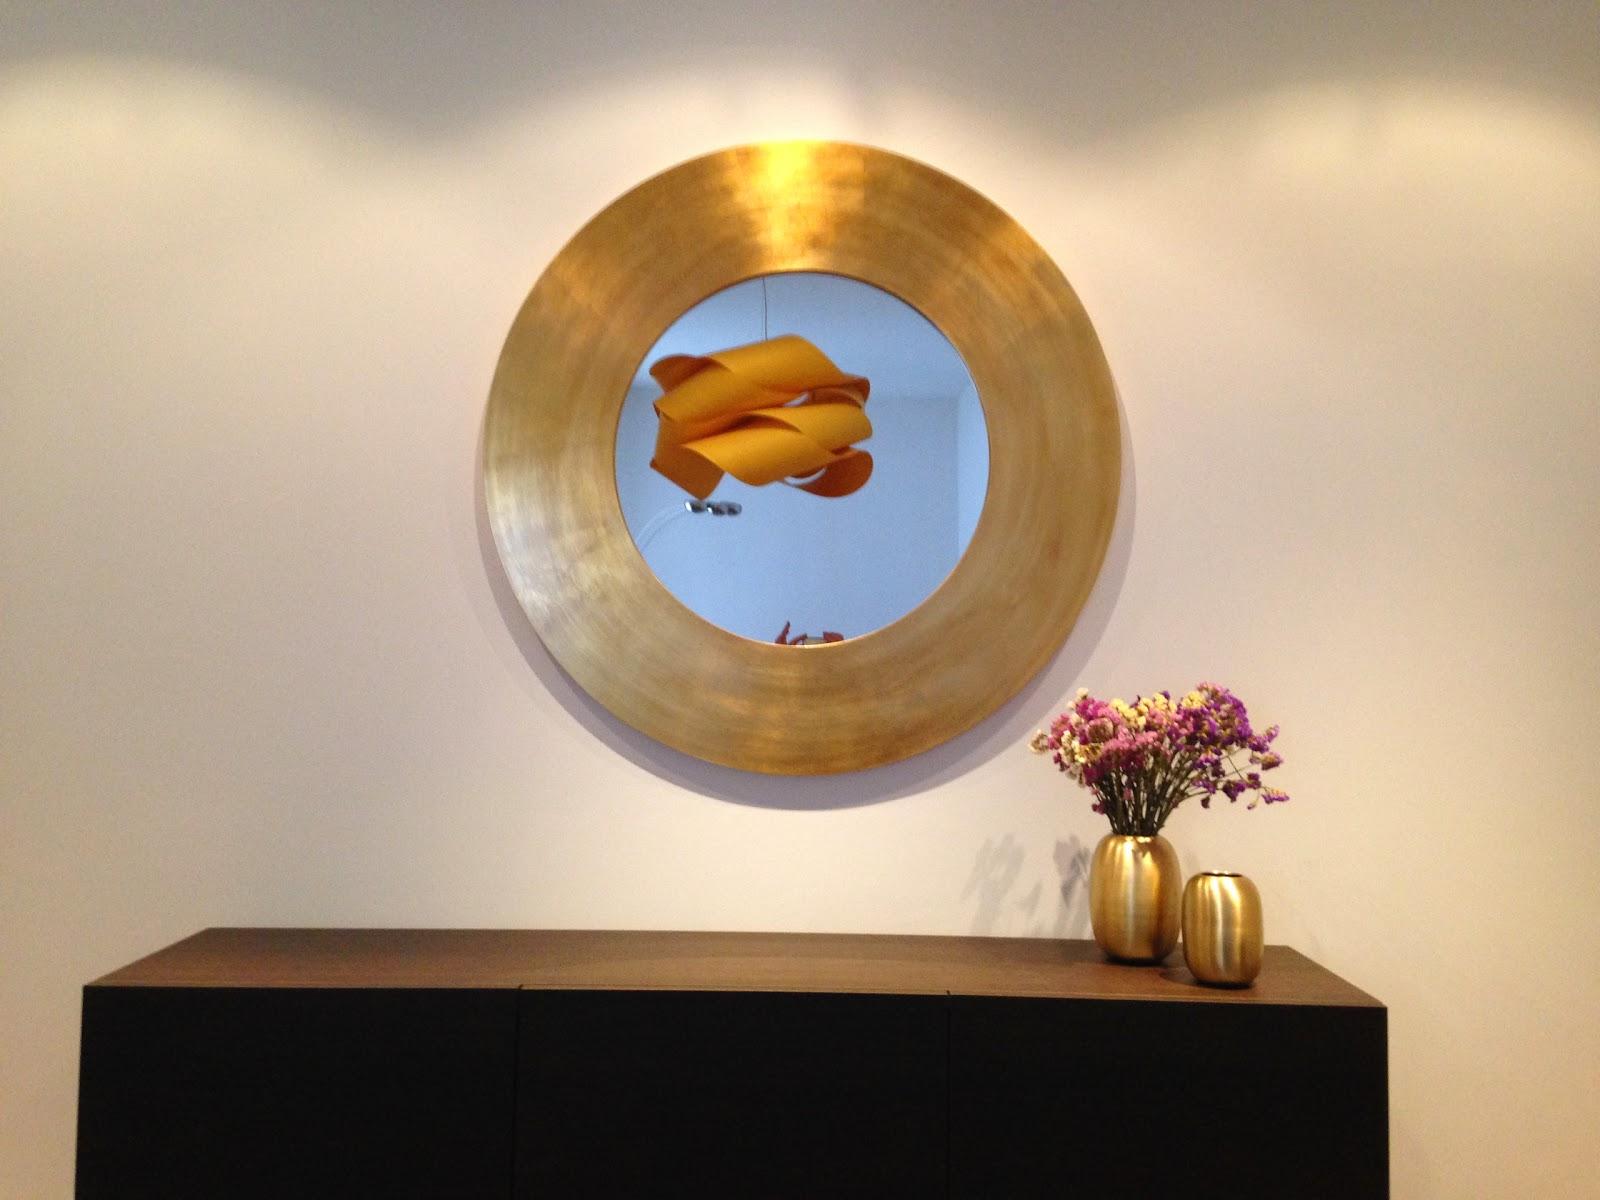 Kino marcos molduras marcos para cuadros enmarcacion for Espejo circular